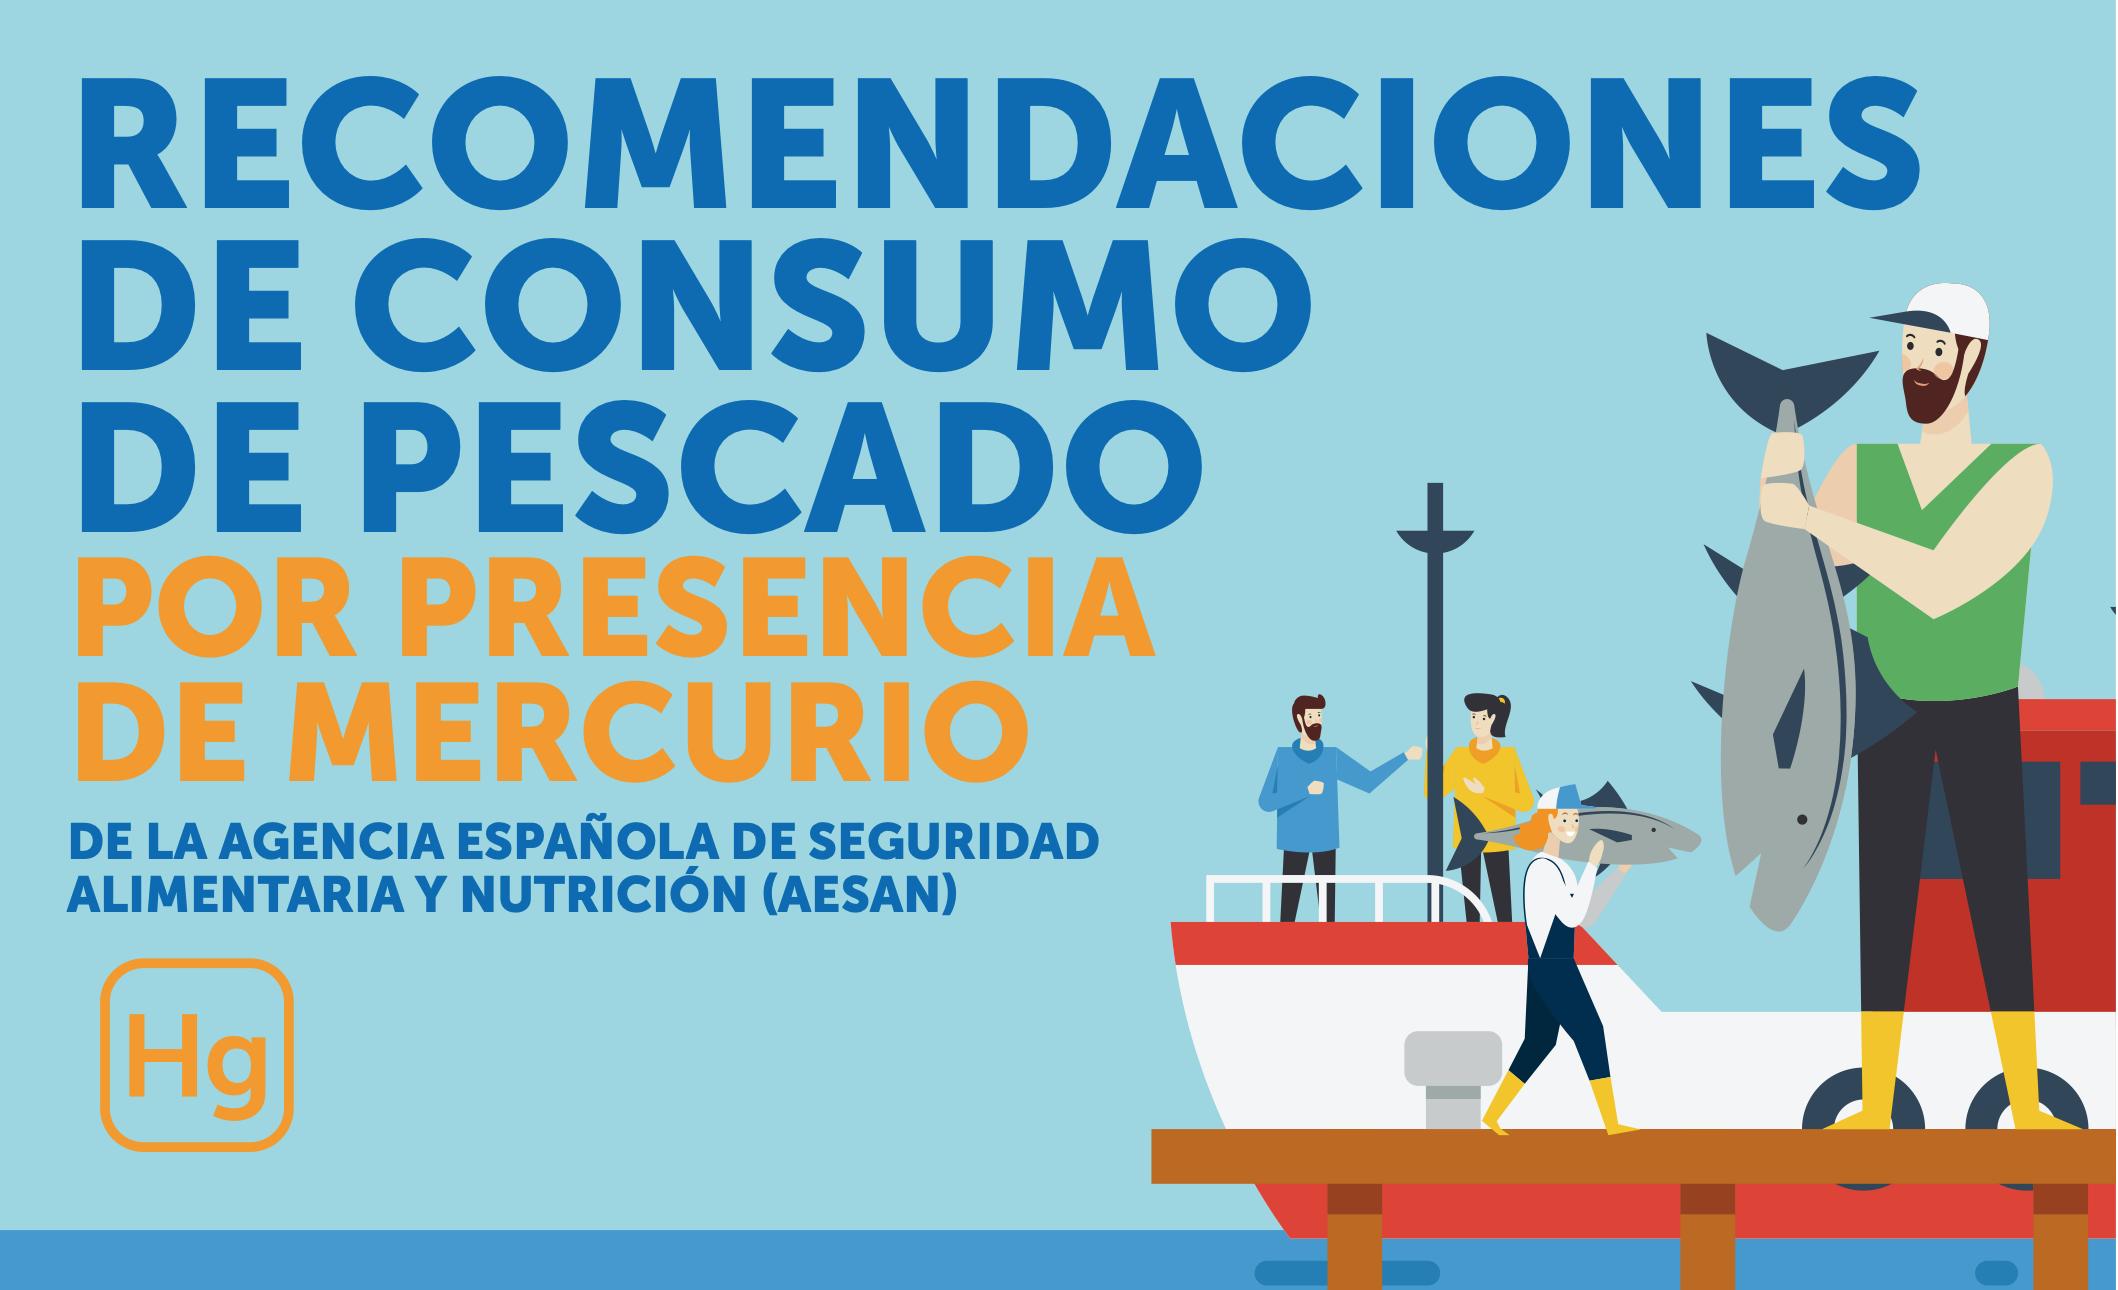 Nuevas recomendaciones sobre consumo de pescado y mercurio